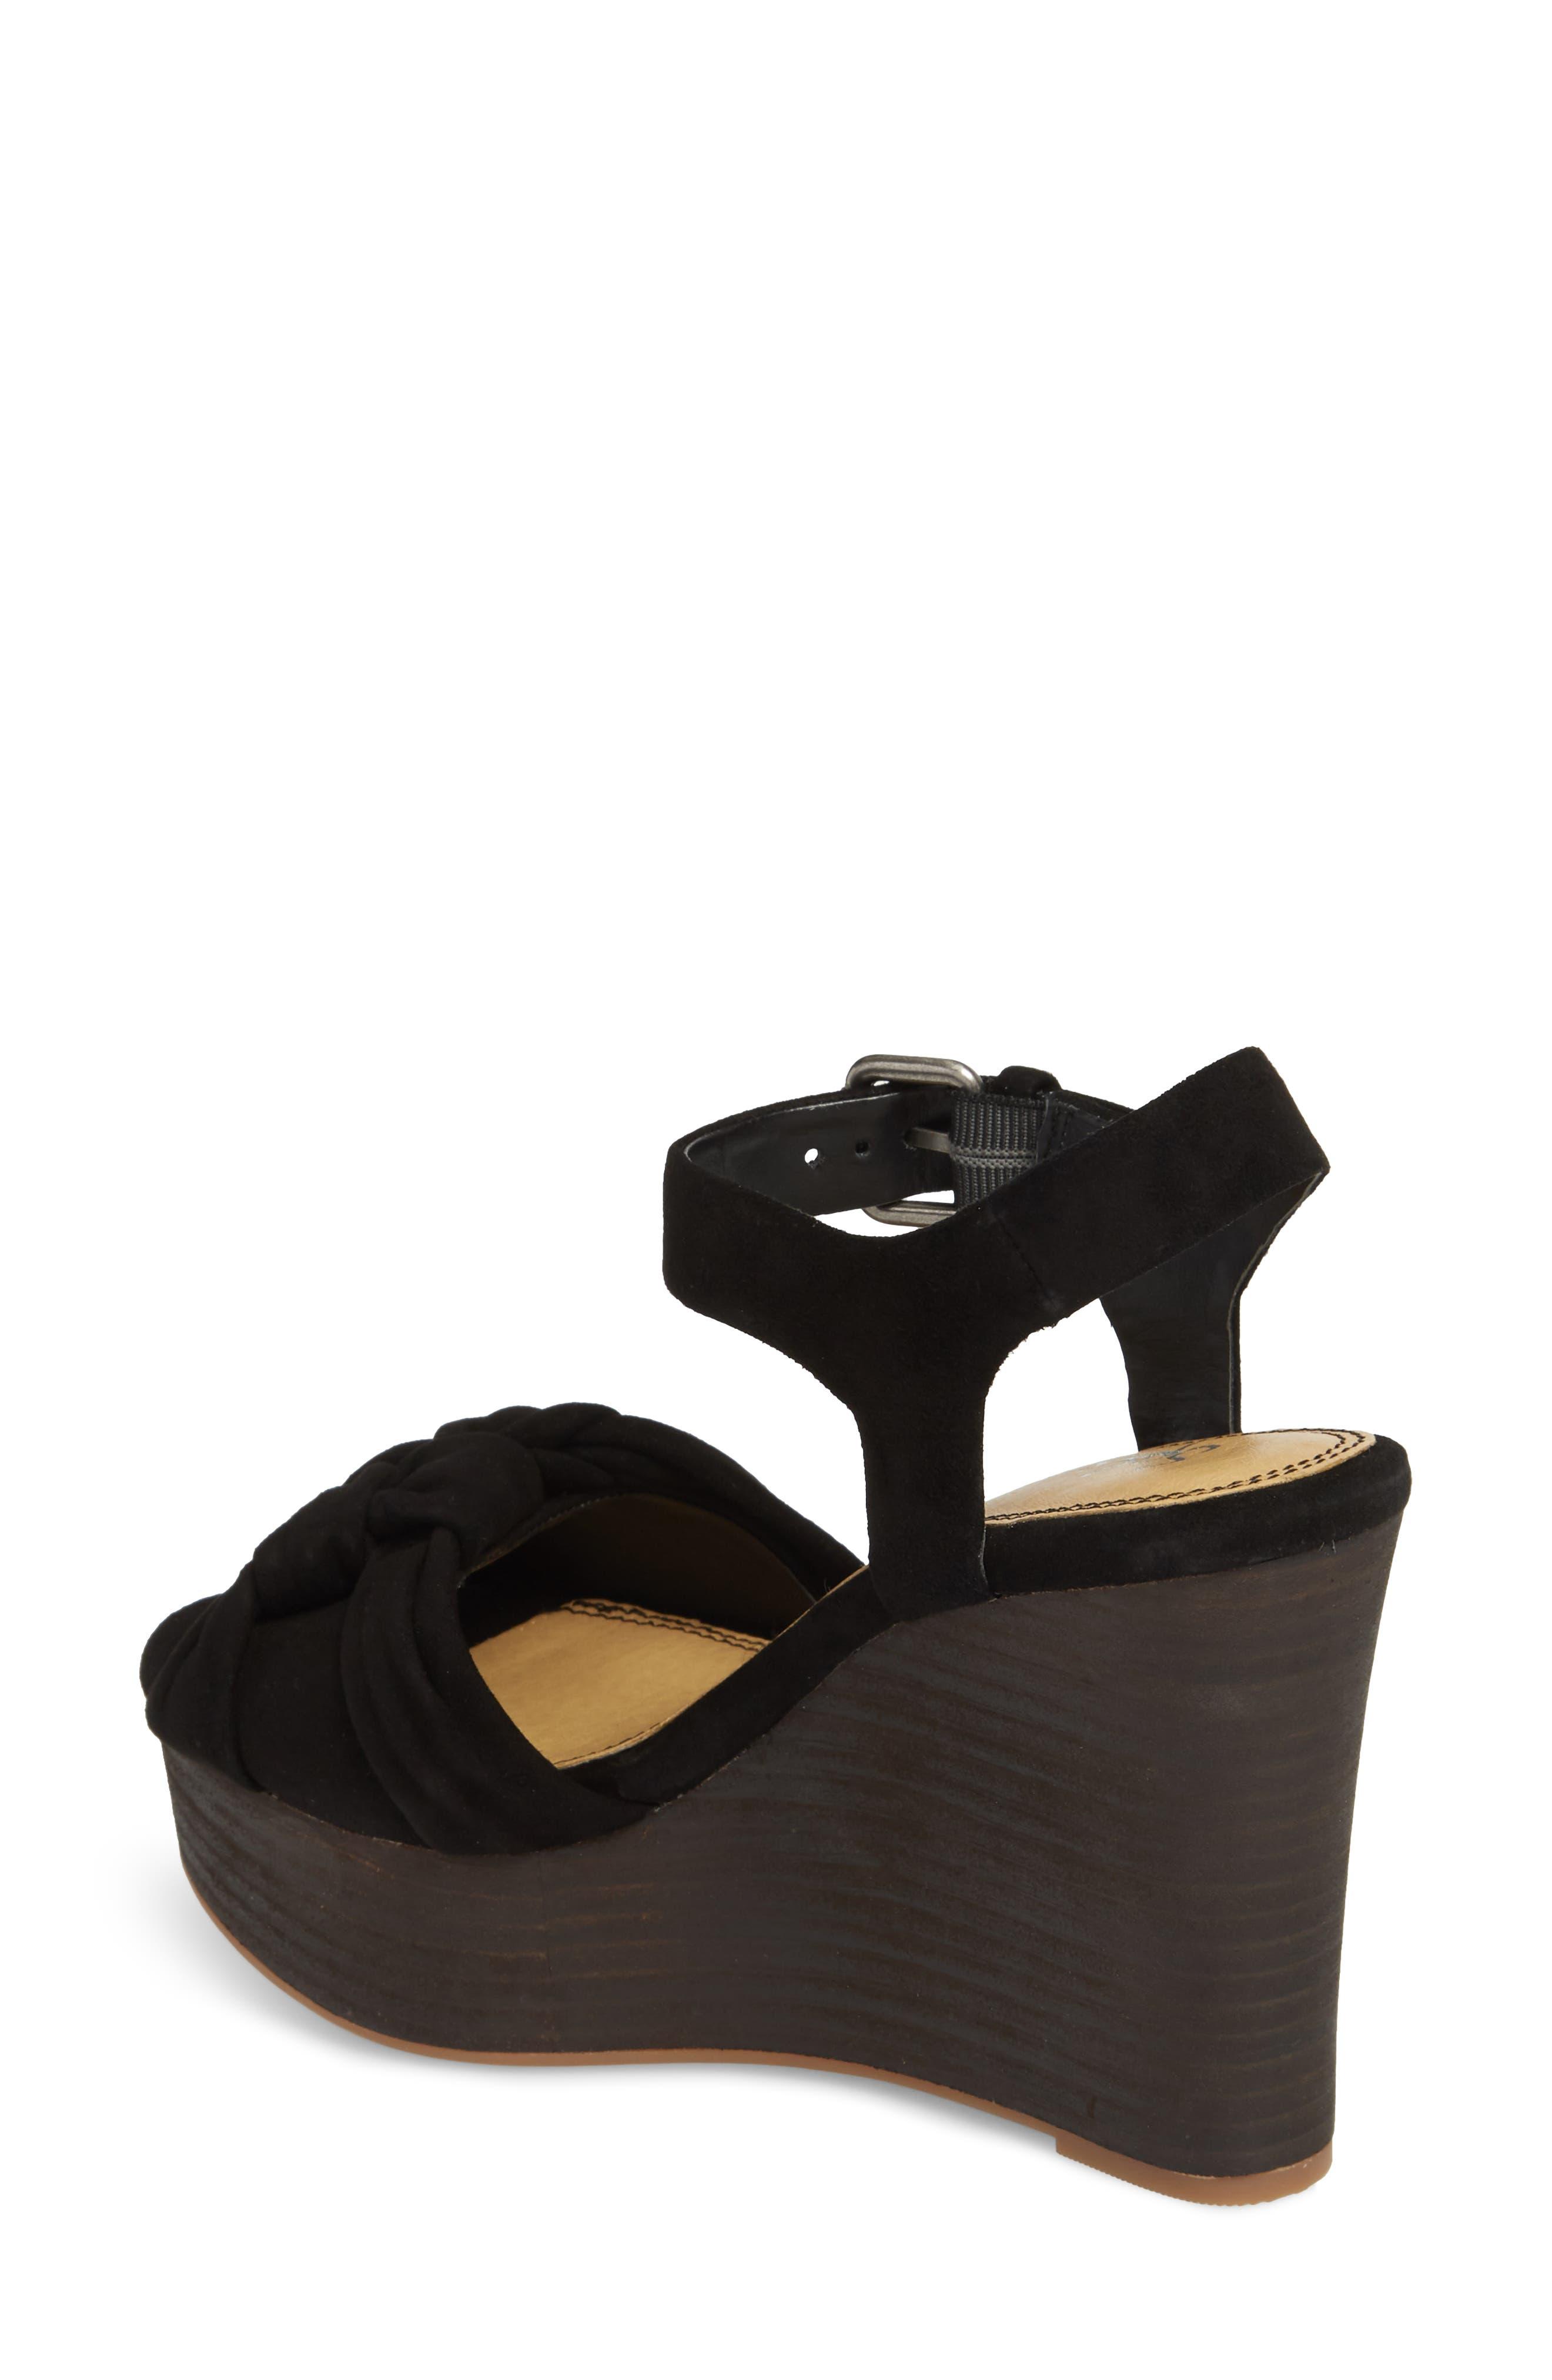 Nada Platform Wedge Sandal,                             Alternate thumbnail 2, color,                             BLACK SUEDE